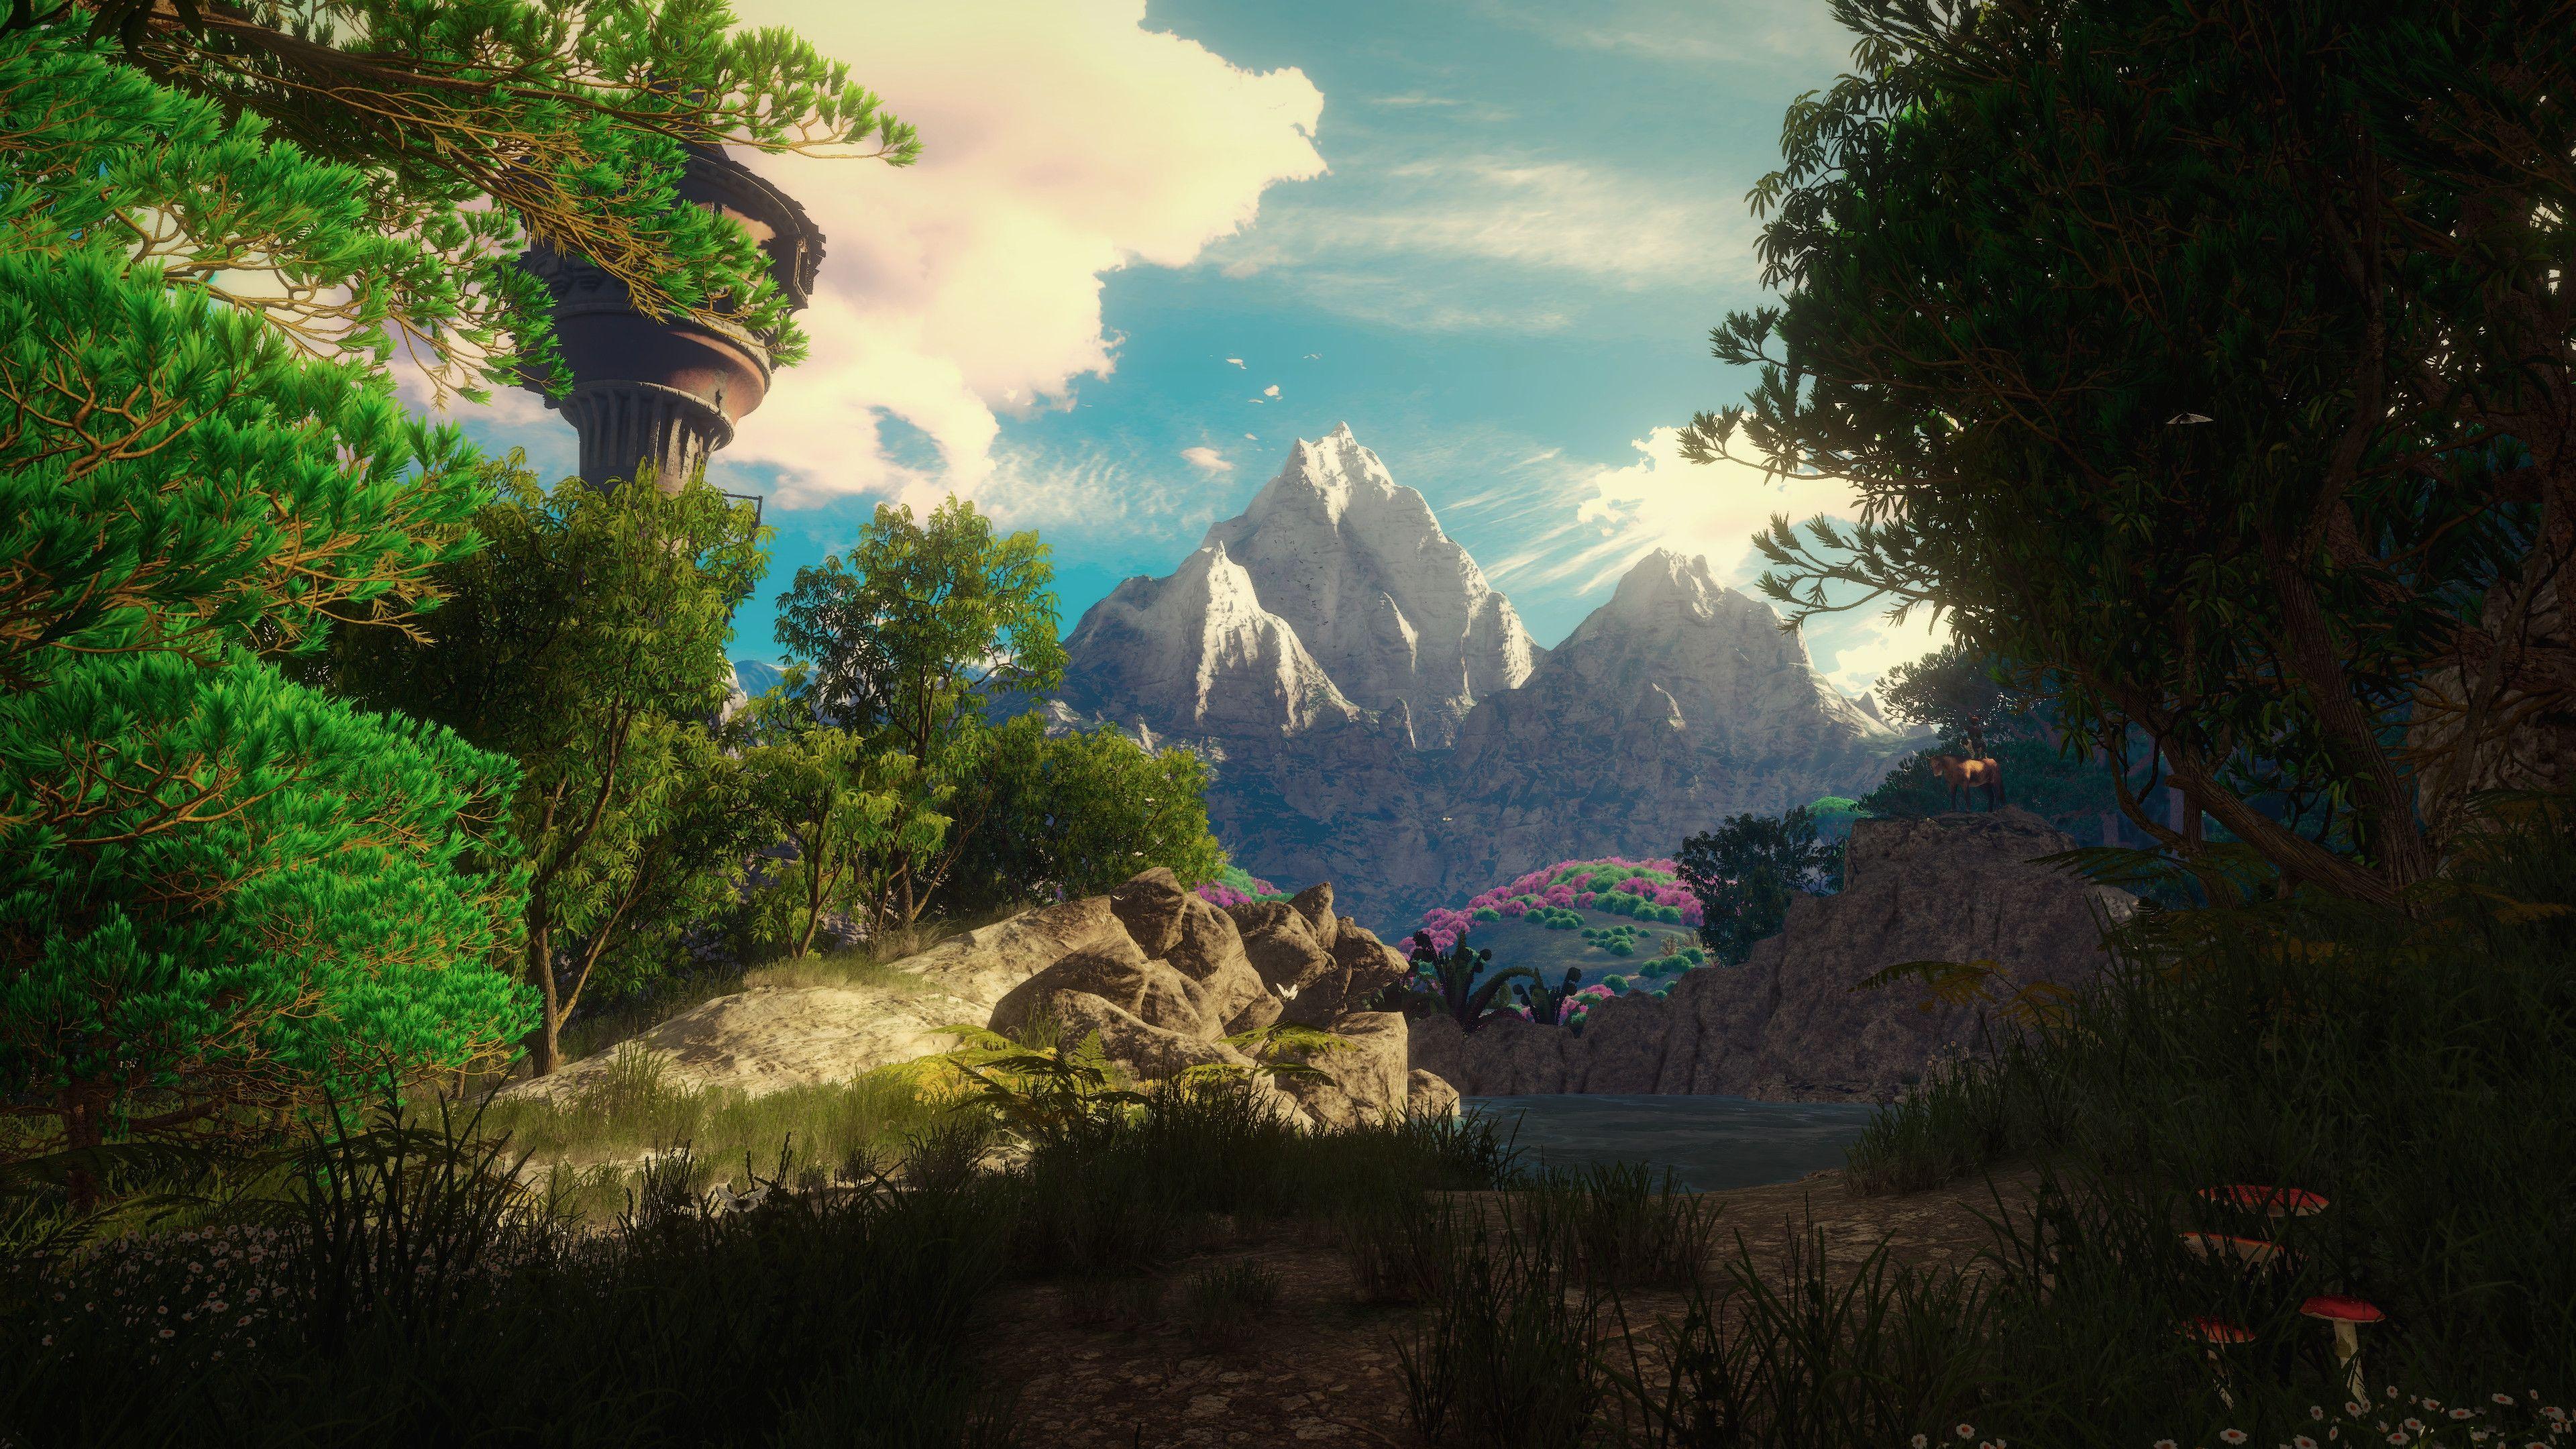 Rapunzel Hung Herself Witcher 3 4k Landscape Wallpaper Cartoon Wallpaper Hd Cartoon Wallpaper